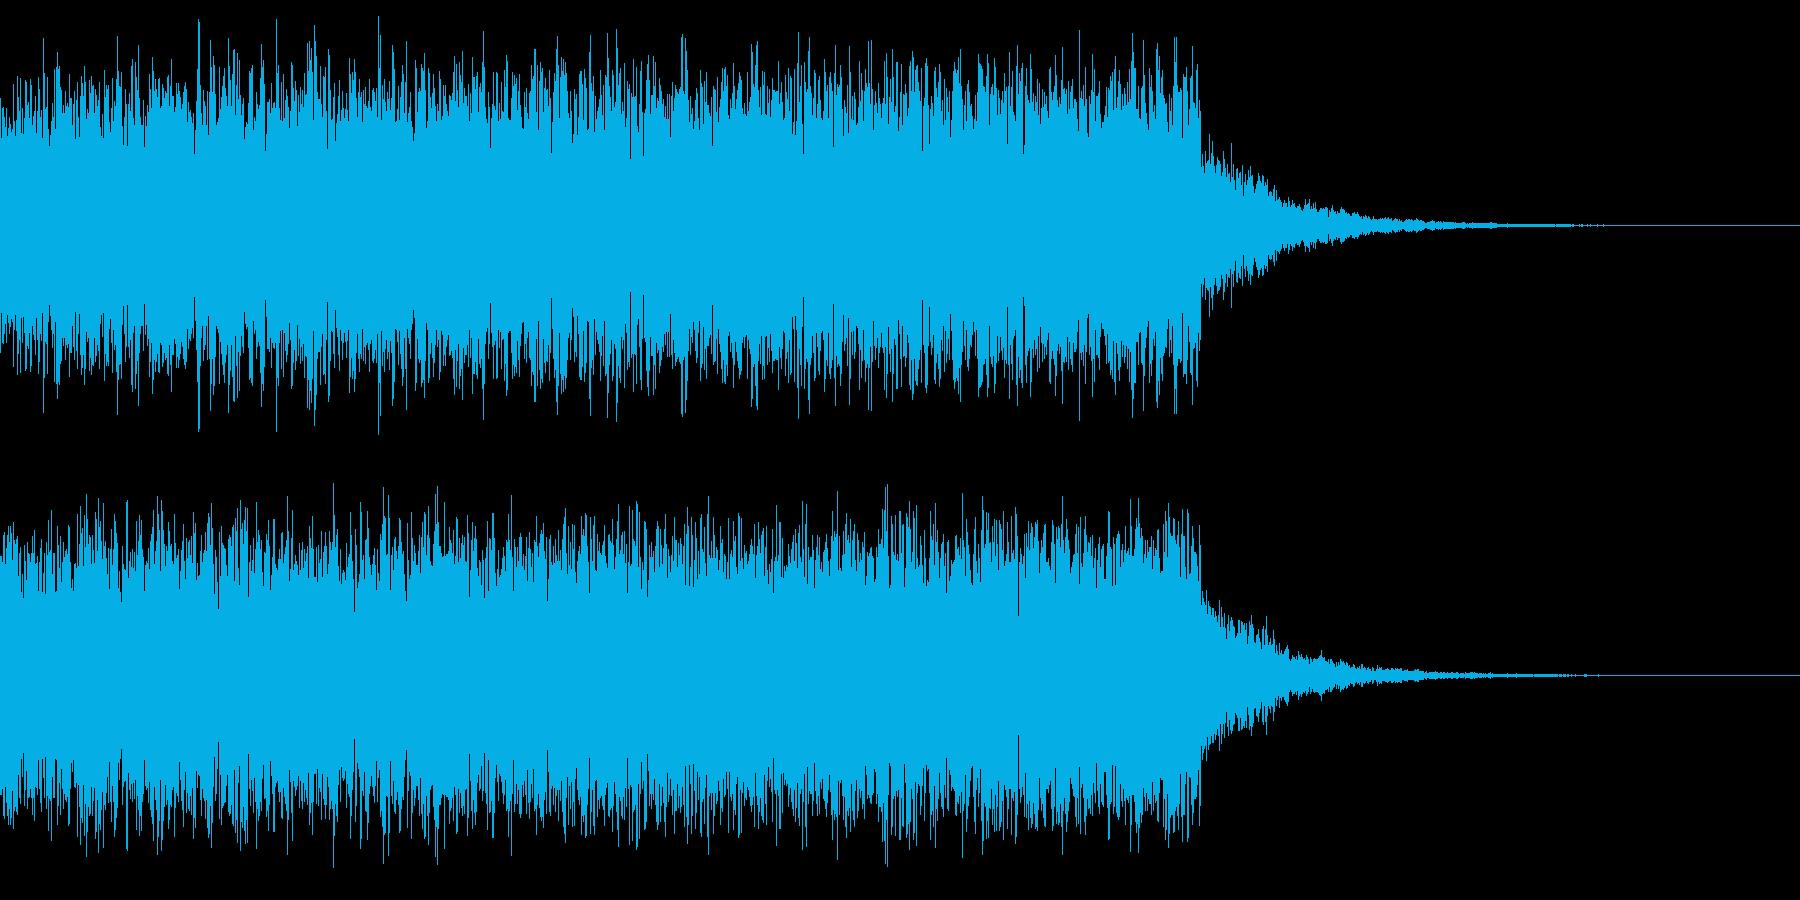 サイレンの音2の再生済みの波形